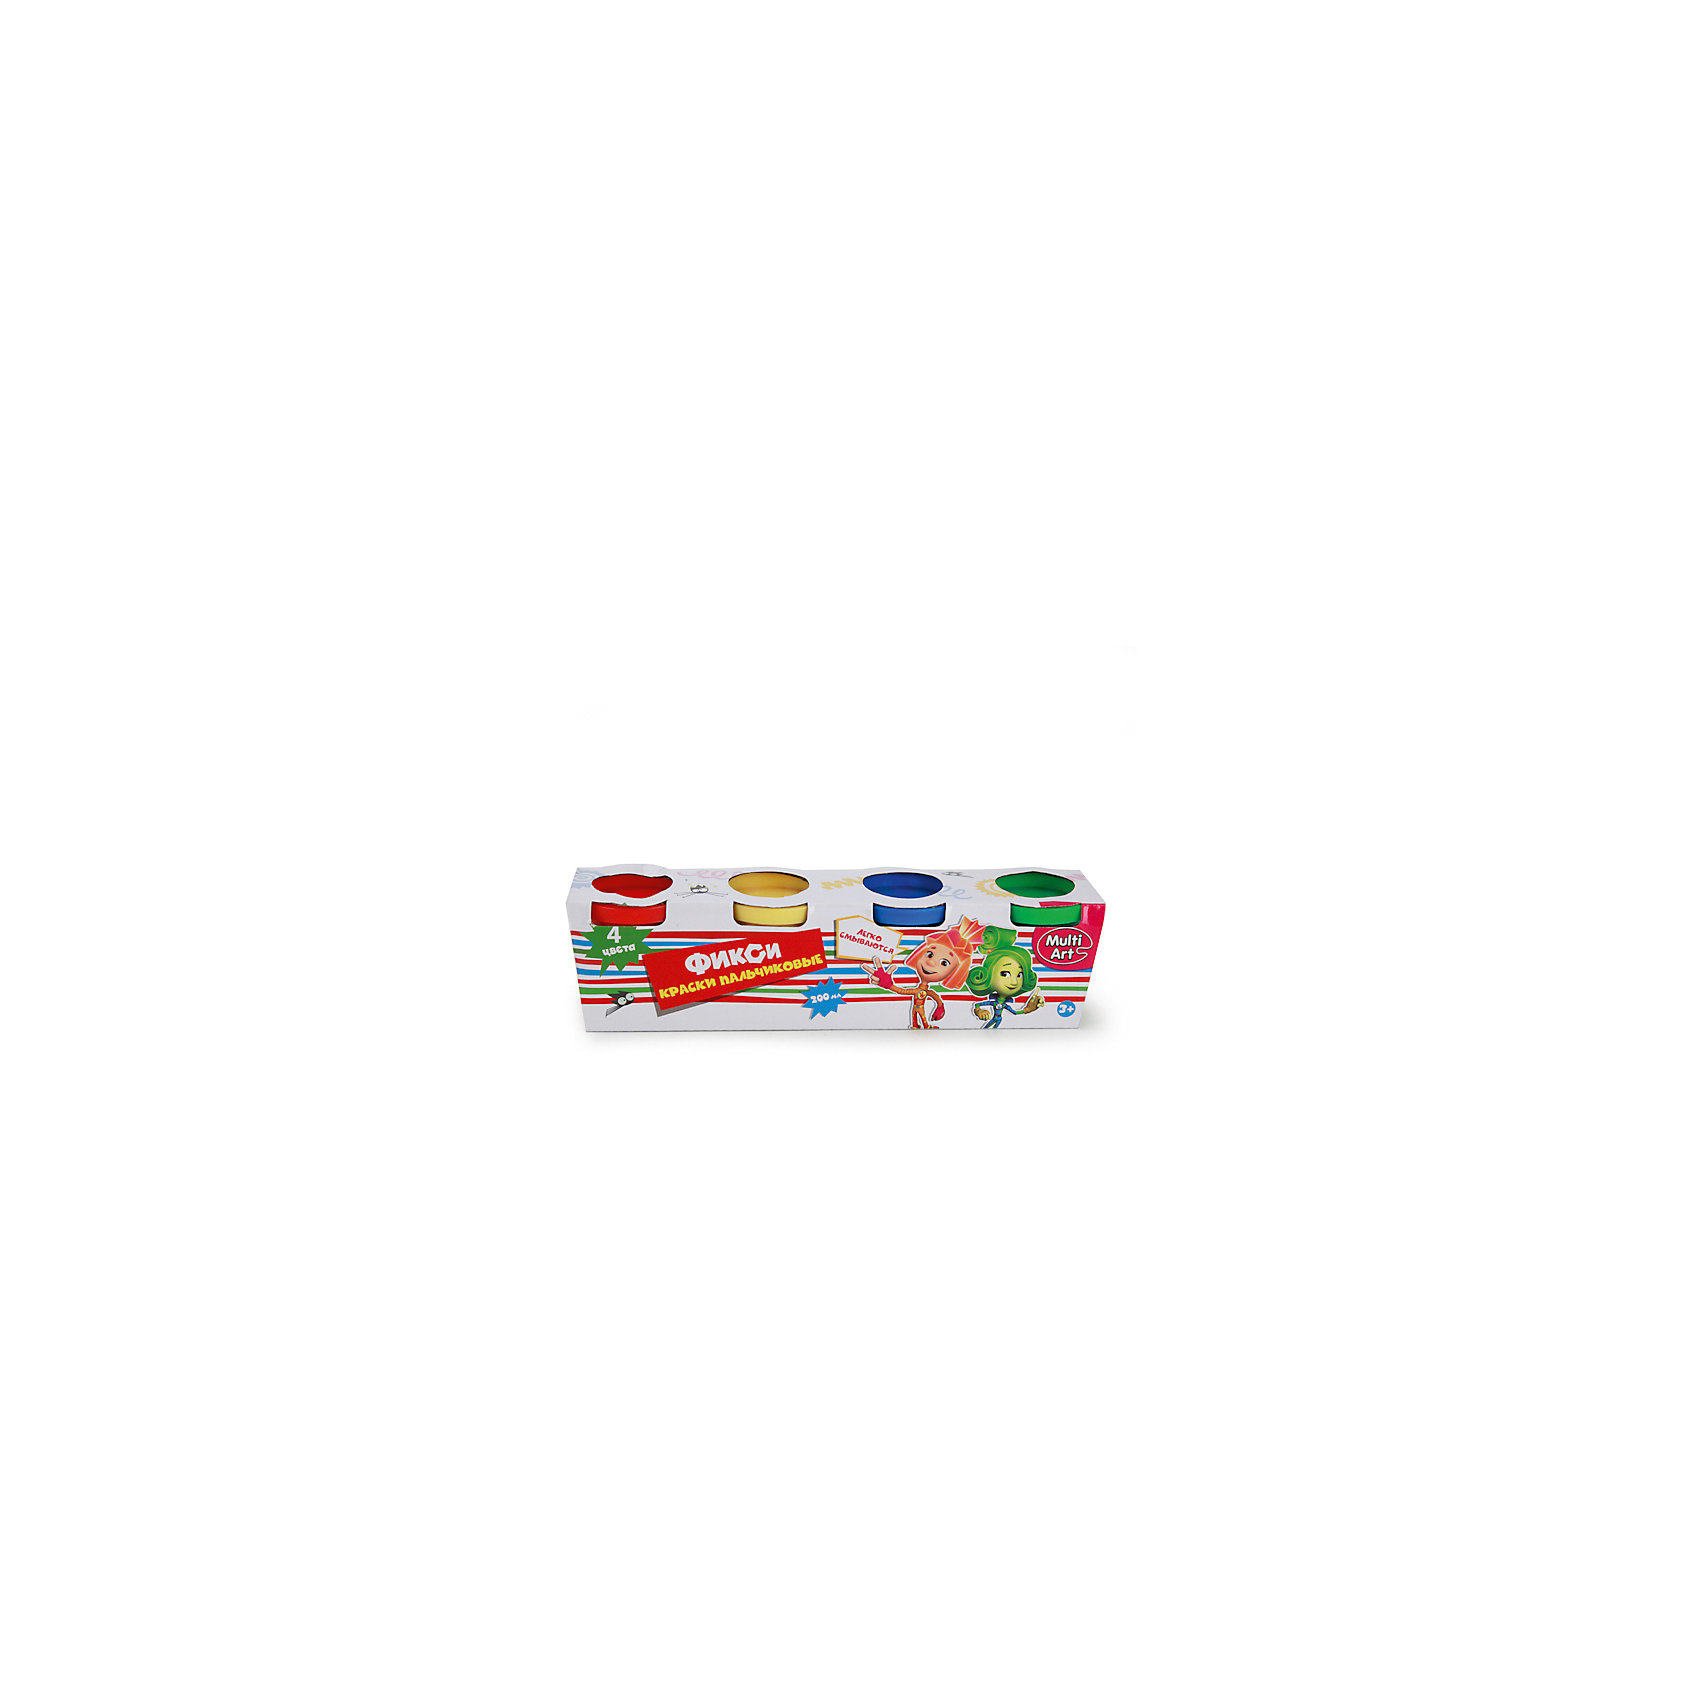 Пальчиковые краски ФиксикиПопулярные игрушки<br>Характеристики:<br><br>• Предназначение: для занятий художественным творчеством<br>• Коллекция: Фиксики<br>• Пол: универсальный<br>• Материал: водная основа, натуральные пищевые красители, пластик, картон<br>• Цвет: красный, желтый, зеленый, синий<br>• Комплектация: набор пальчиковых красок из 4-х цветов<br>• Размеры (Д*Ш*В): 5*6*22 см<br>• Вес: 290 г <br>• Упаковка: картонная коробка<br><br>Пальчиковые краски Фиксики от ведущего торгового бренда товаров для творчества Multiart предназначены для занятий художественным творчеством с детьми раннего дошкольного возраста. Выполненные из экологически безопасных и нетоксичных материалов, пальчиковые краски не вызывают аллергии и раздражения на коже. Выполненные на водной основе с добавлением натуральных красителей, краски легко отмываются с любых поверхностей и без труда отстирываются с одежды. Пальчиковые краски имеют яркие оттенки, легко смешиваются между собой, не растекаются, благодаря своей кремообразной консистенции, при необходимости их можно разводить водой. Рисовать красками можно как пальчиками или ладошками, так и кисточками, что сделает творческий процесс еще более увлекательным для вашего малыша. Занятия художественным творчеством с пальчиковыми красками Фиксики позволят научить ребенка распознавать основные цвета и создавать из них различные оттенки, разовьют фантазию и воображение, а также будут способствовать развитию мелкой моторики рук.<br><br>Пальчиковые краски Фиксики можно купить в нашем интернет-магазине.<br><br>Ширина мм: 50<br>Глубина мм: 60<br>Высота мм: 220<br>Вес г: 290<br>Возраст от месяцев: 36<br>Возраст до месяцев: 72<br>Пол: Унисекс<br>Возраст: Детский<br>SKU: 5196978